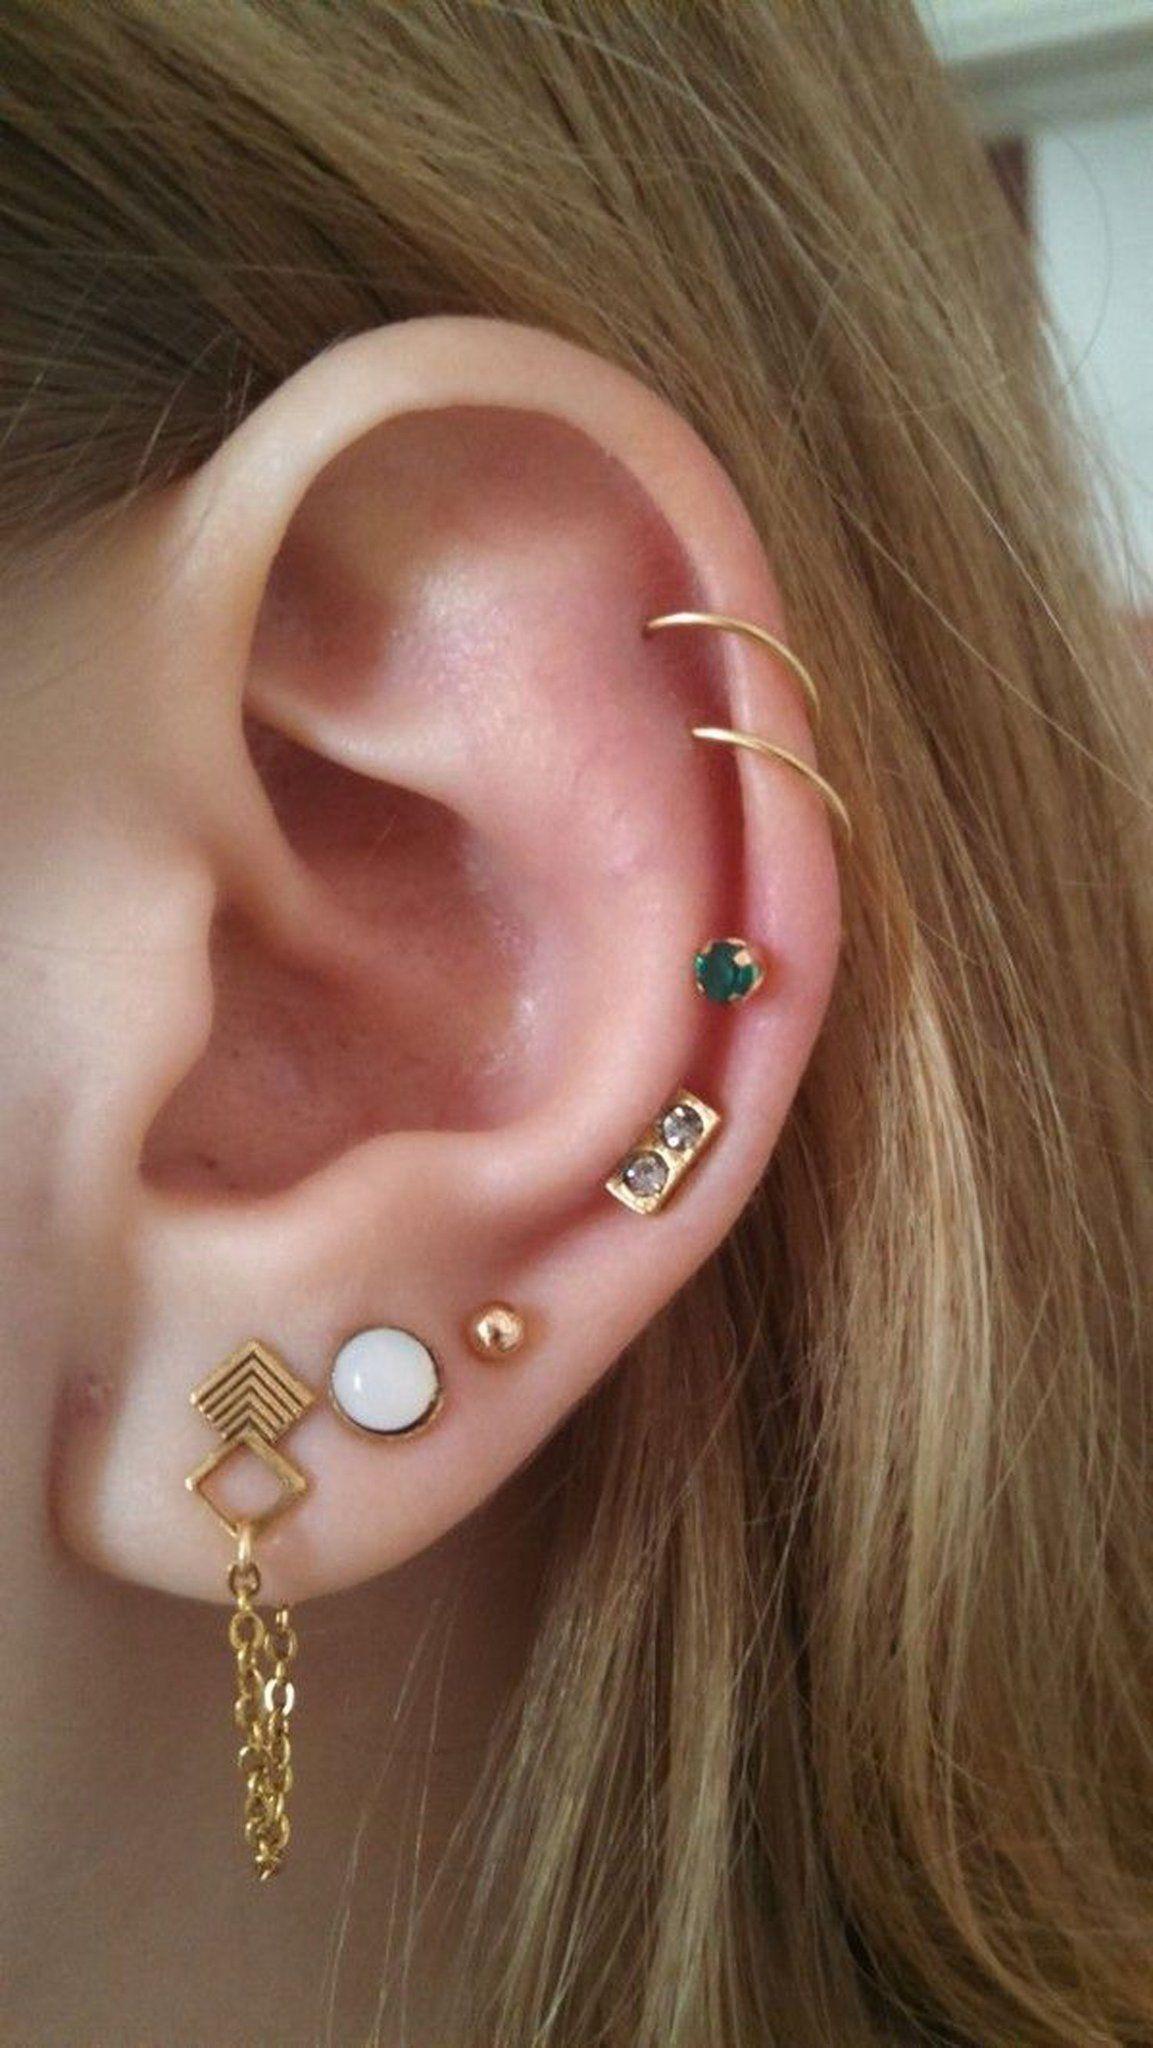 Piercing ideas body   Unique Ear Piercing Ideas for the Adventurous  Multiple ear